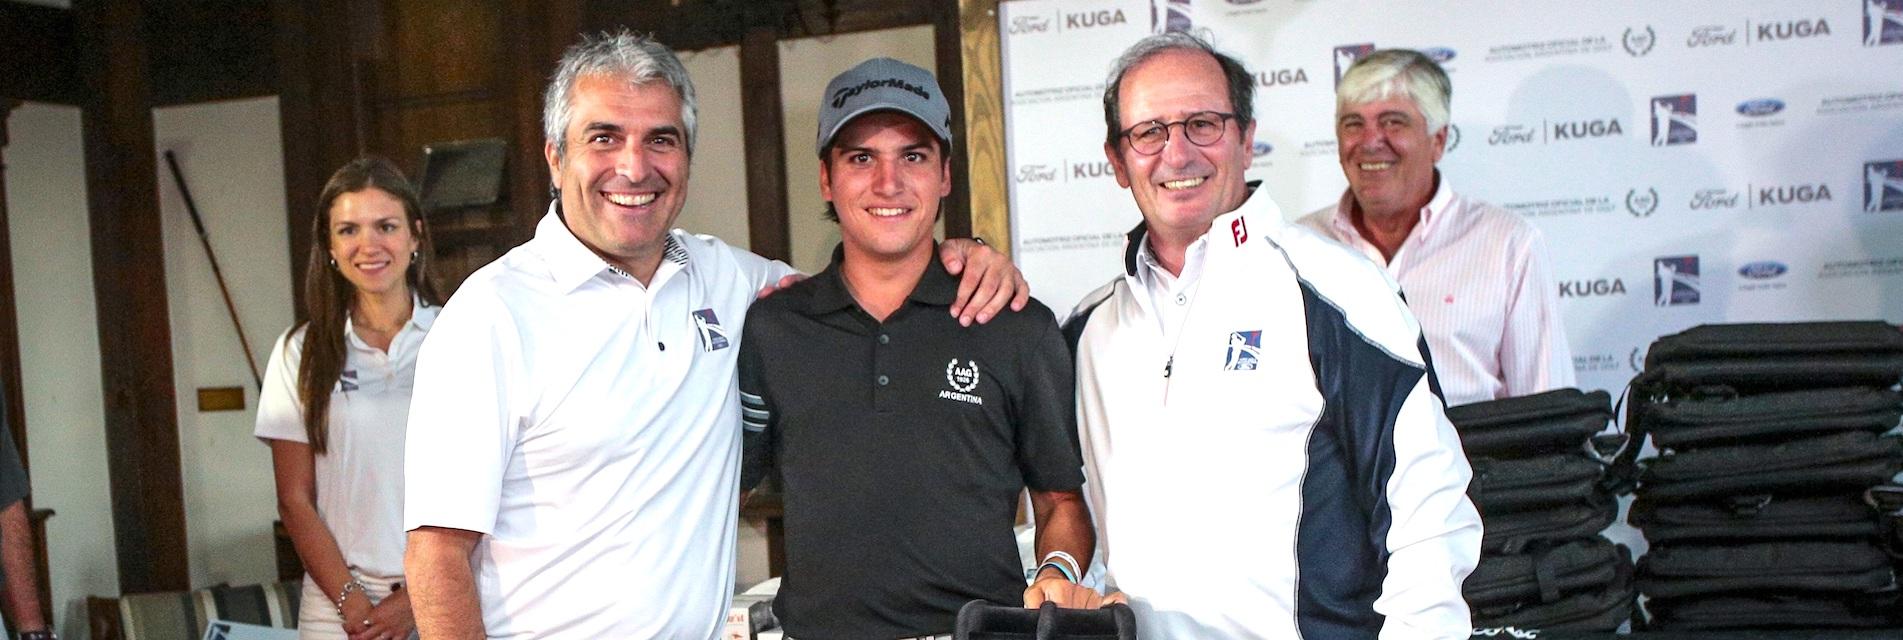 Rosario Ariganello, Gerente de Medios de Ford Argentina, Mateo Fernández de Oliveira, ganador de la Final de 2018, y Gabriel Lopez, Presidente de Ford Argentina.